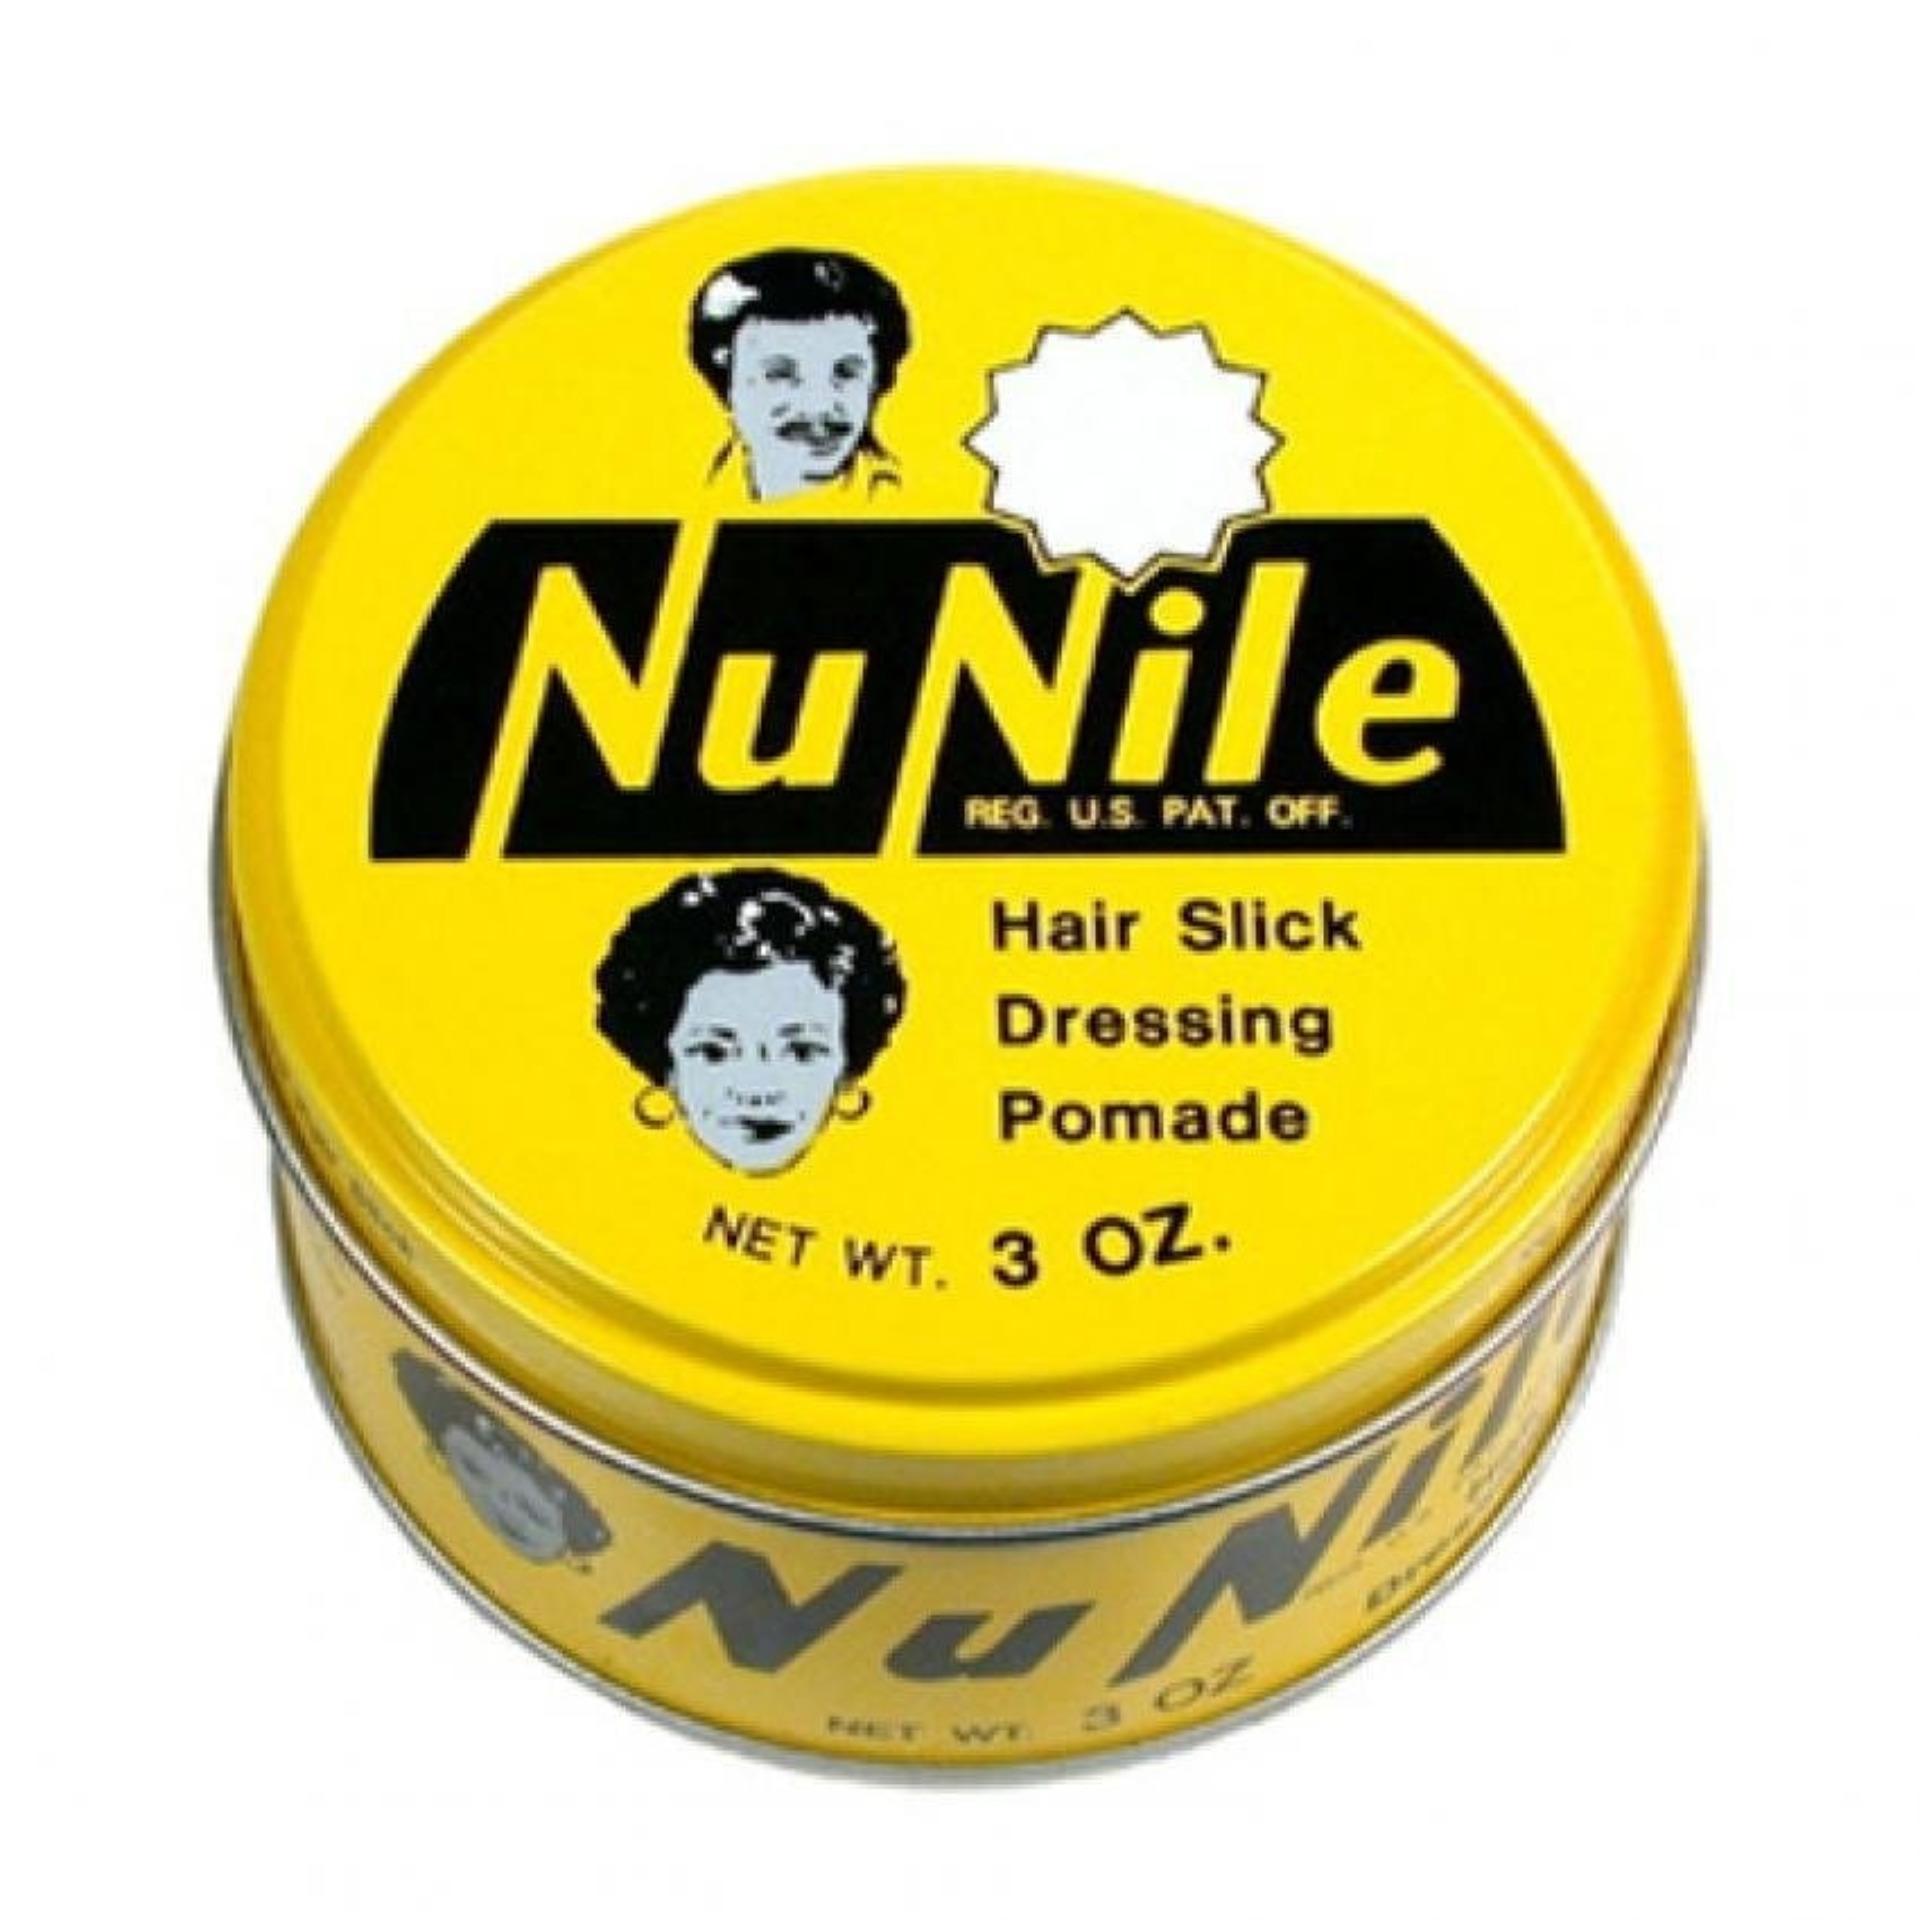 MURAH..! Pomade NuNile Original 100% USA – 85 g Terlaris